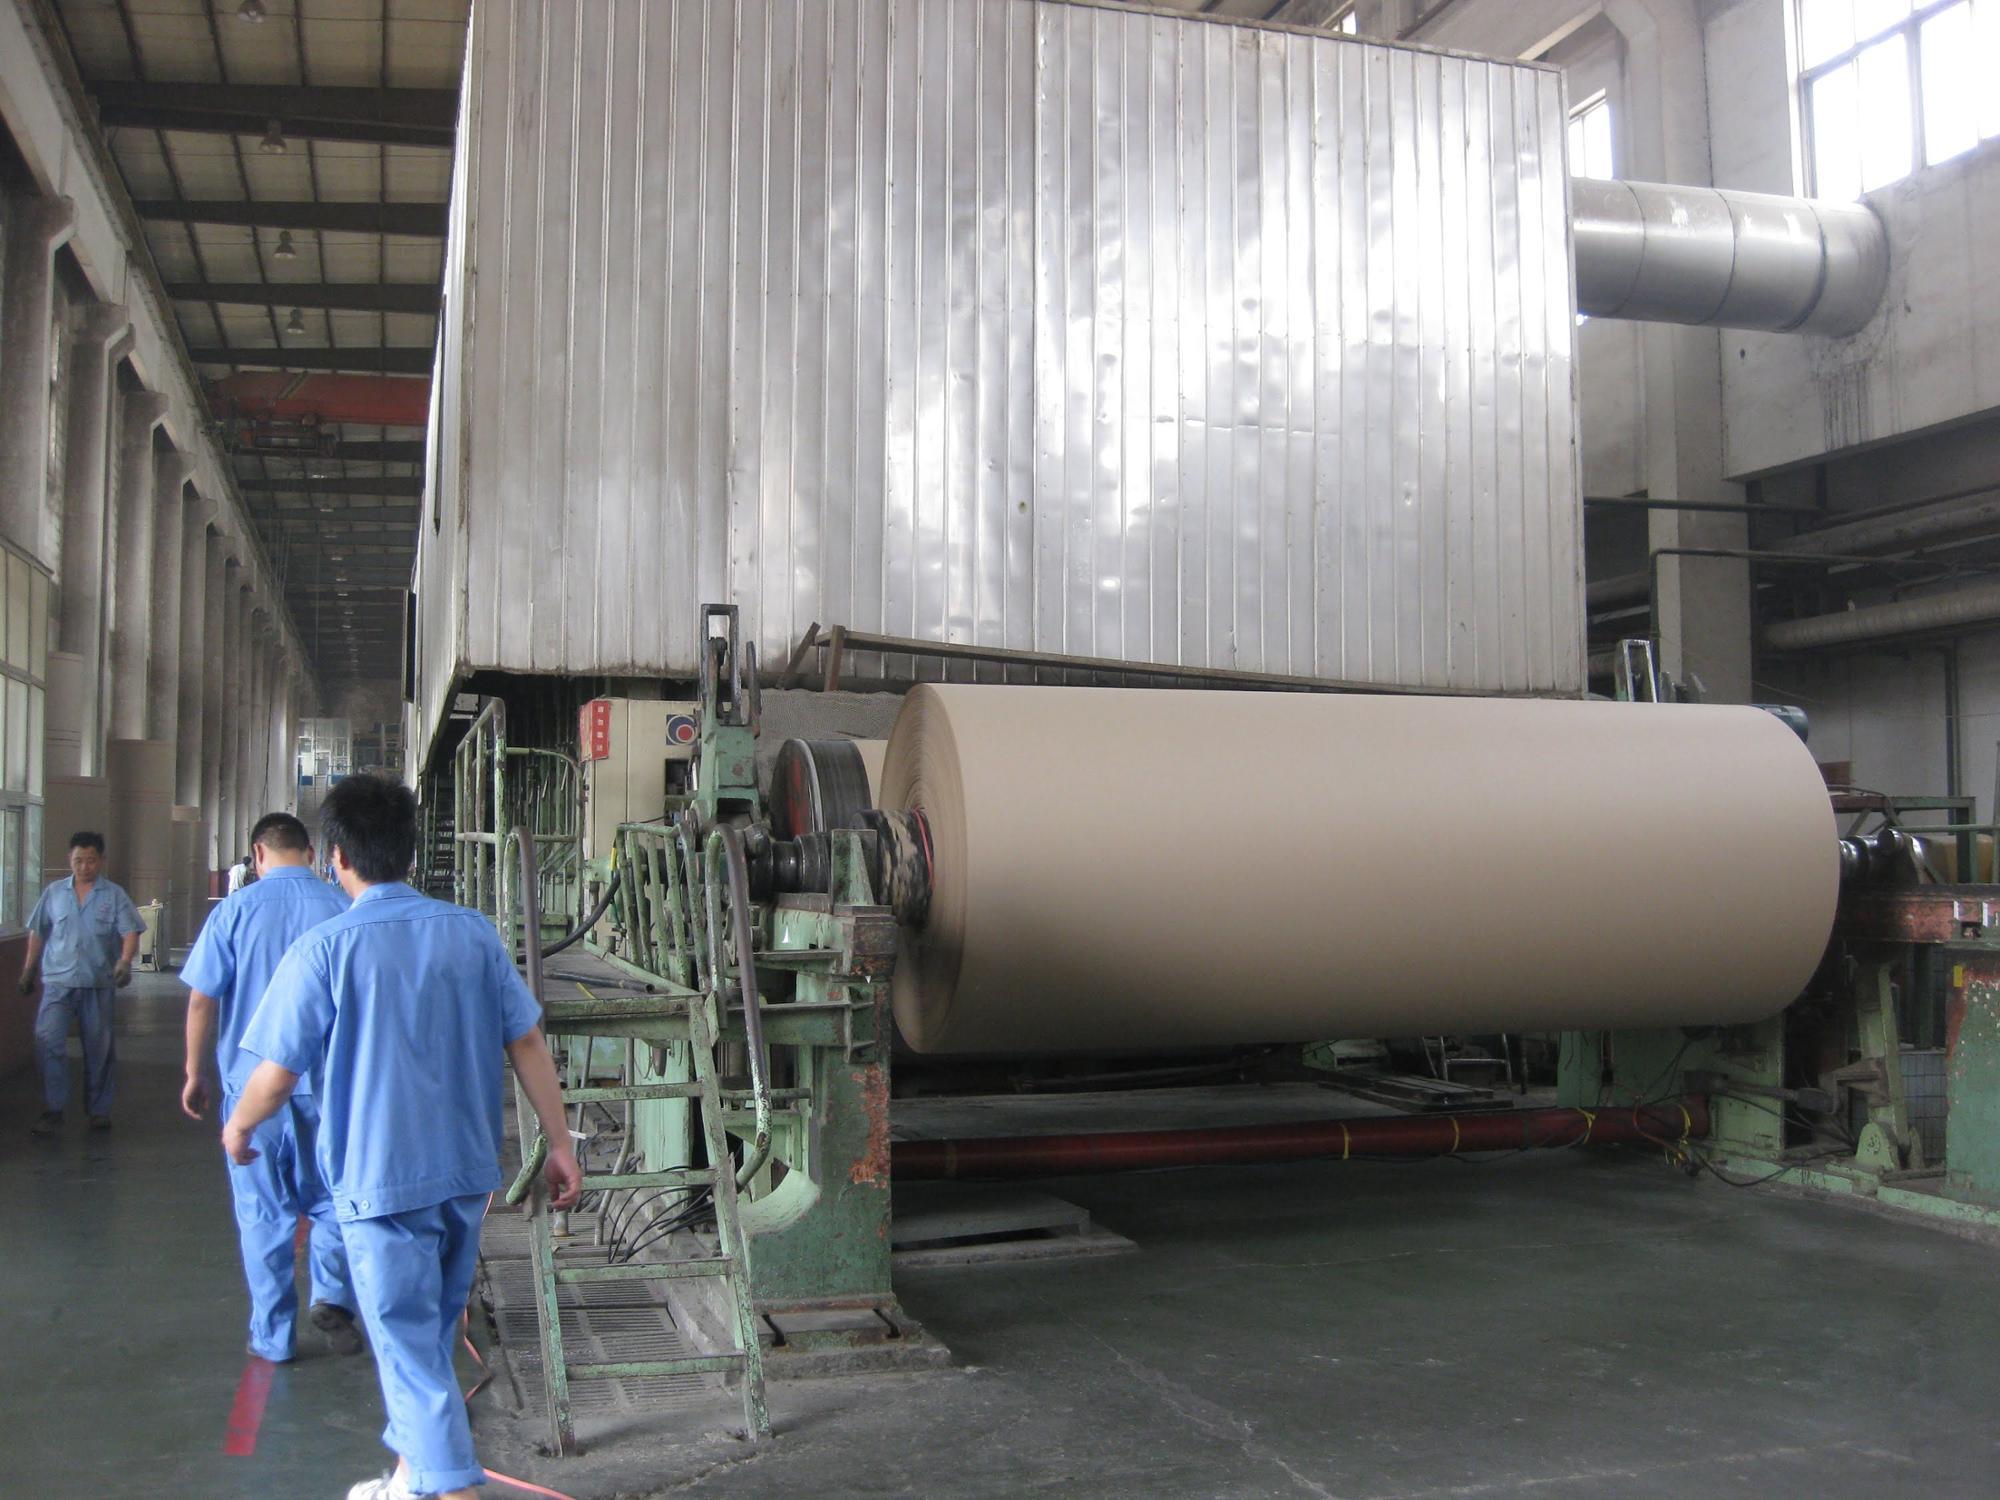 Kağıt yapma teknolojisi: evde, bir fabrikada, eski Çinde